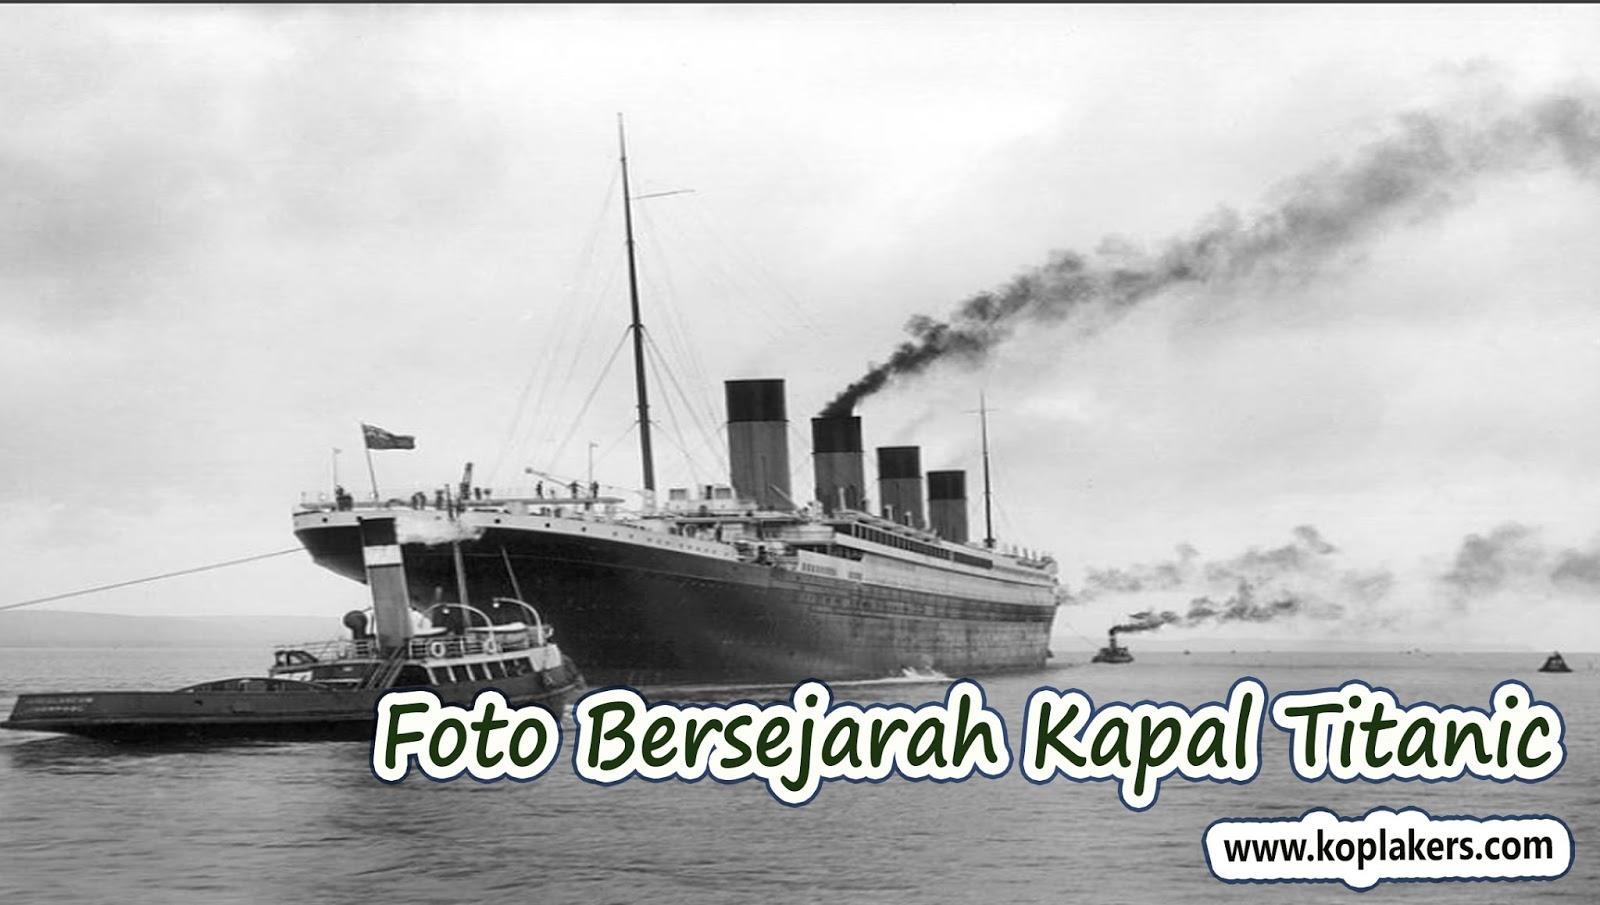 Foto foto pelayaran perdana kapal titanic